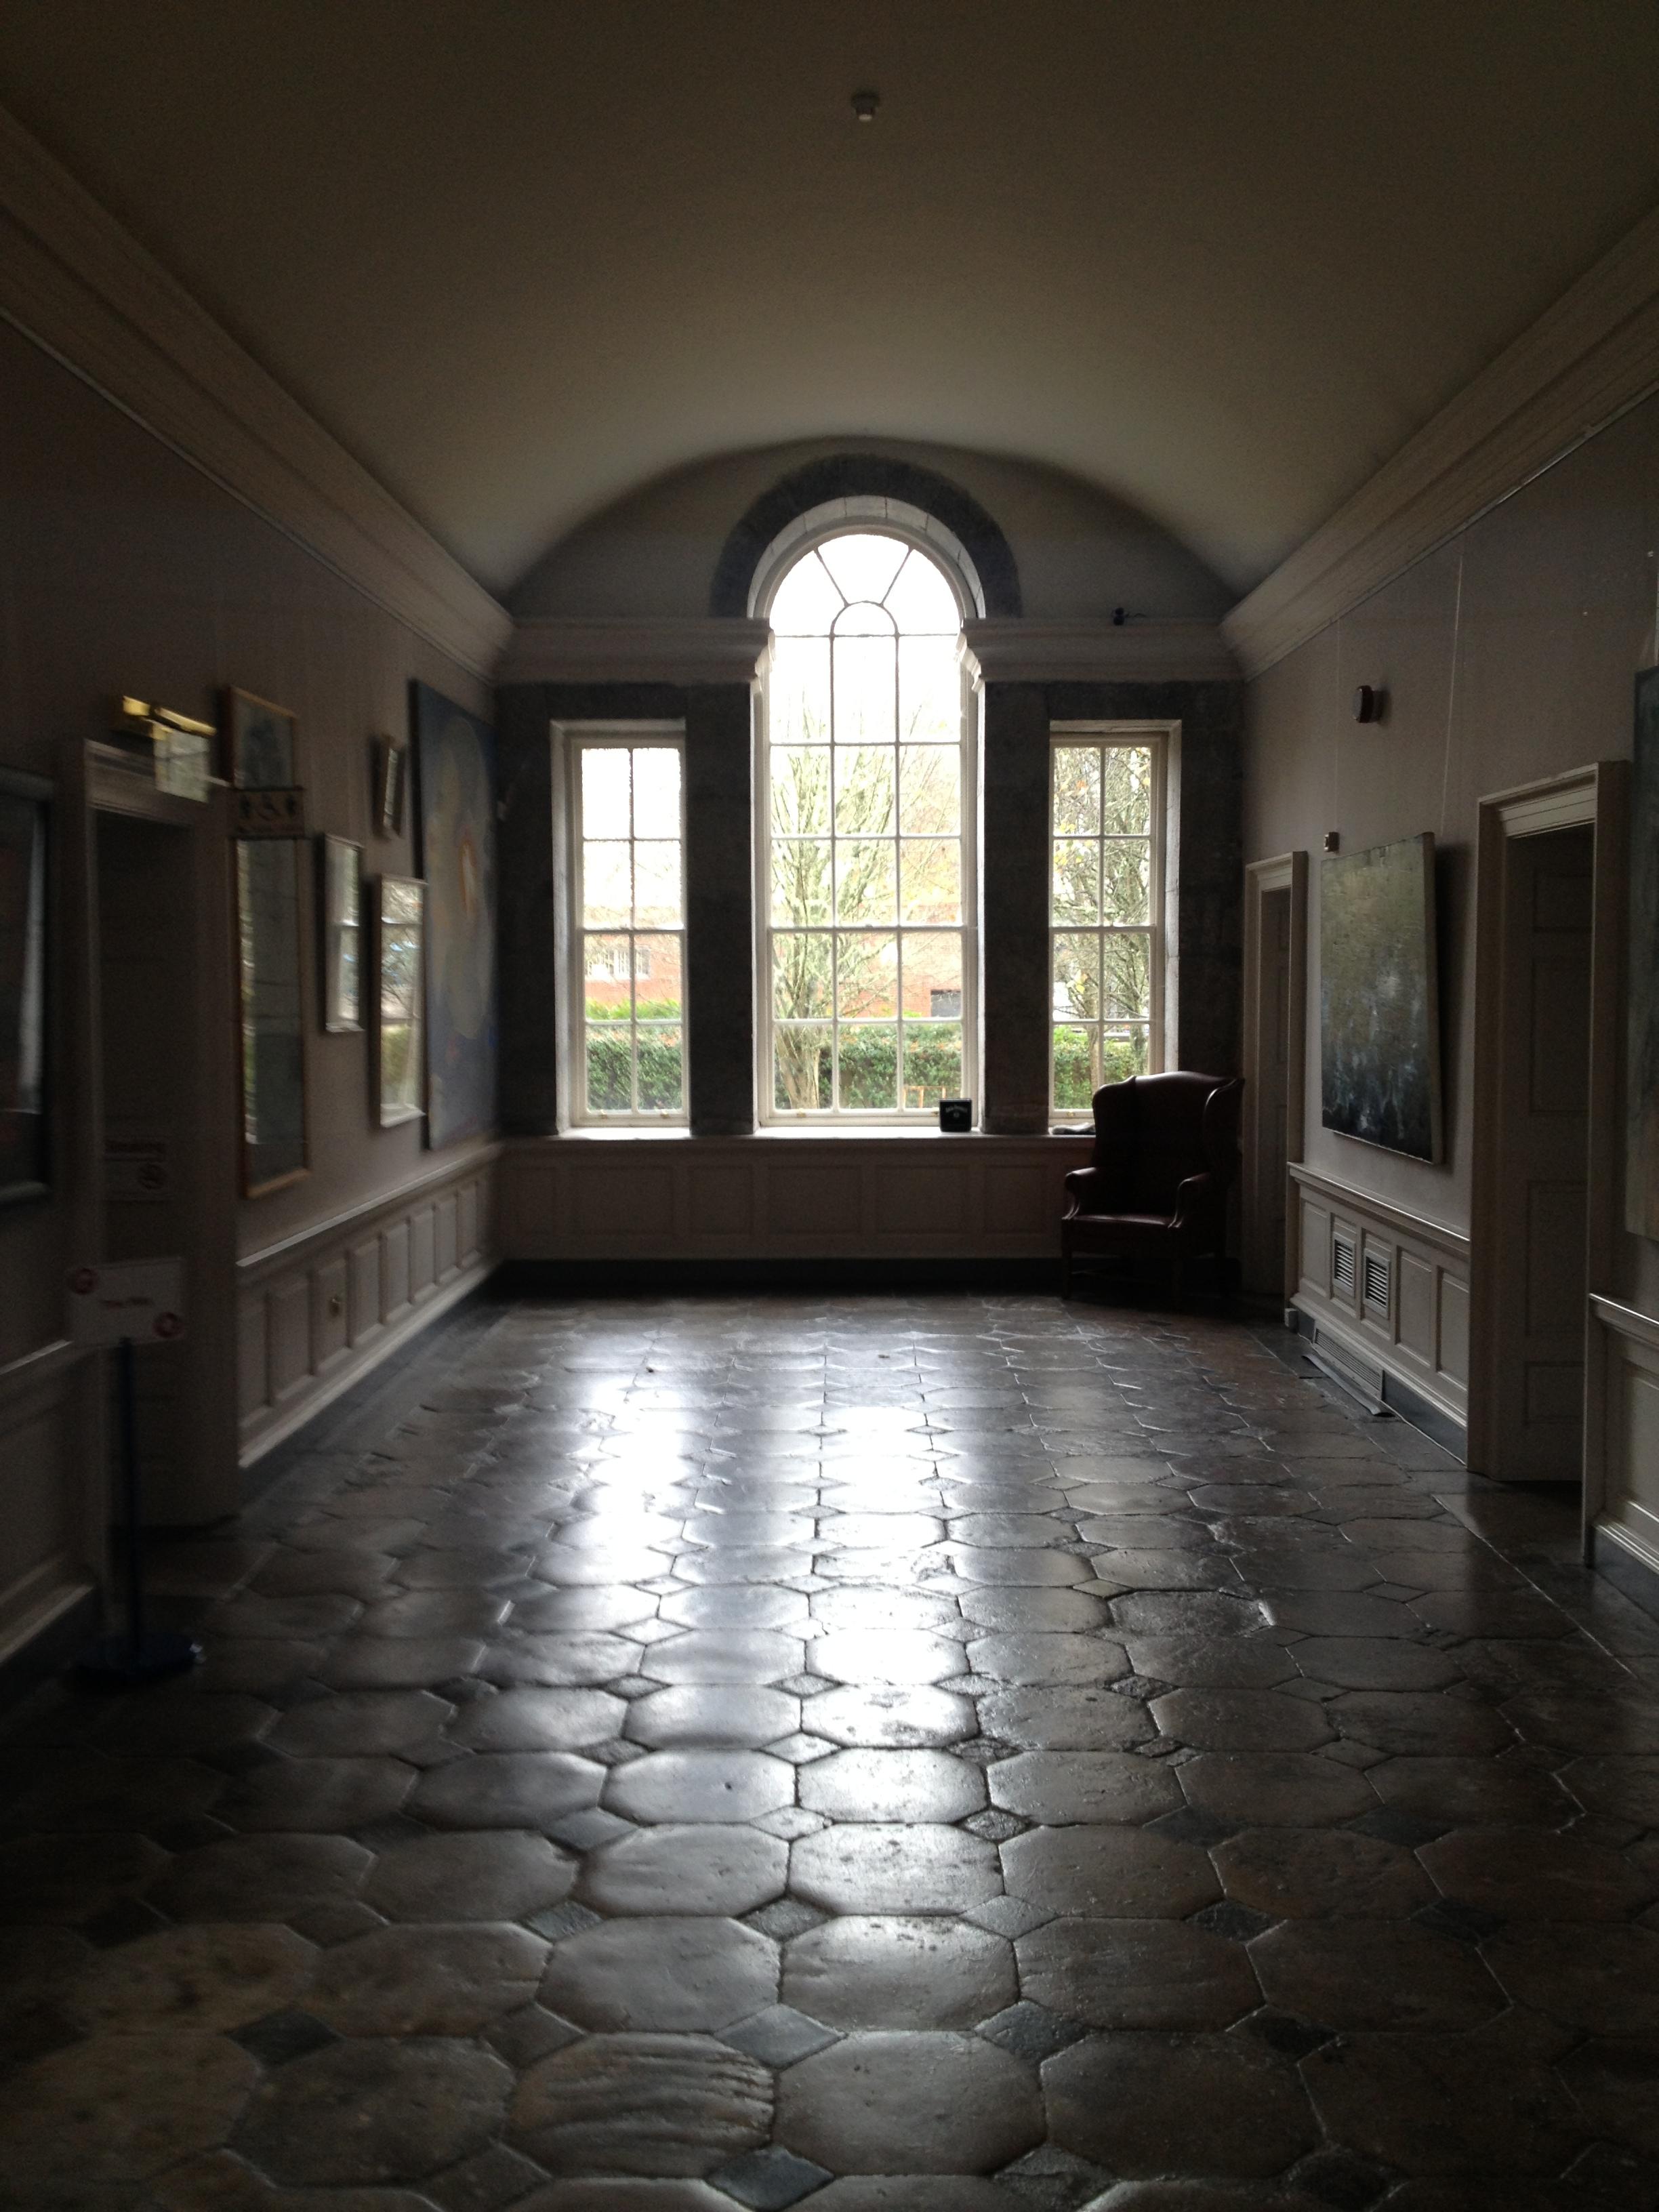 Inside stephen king house